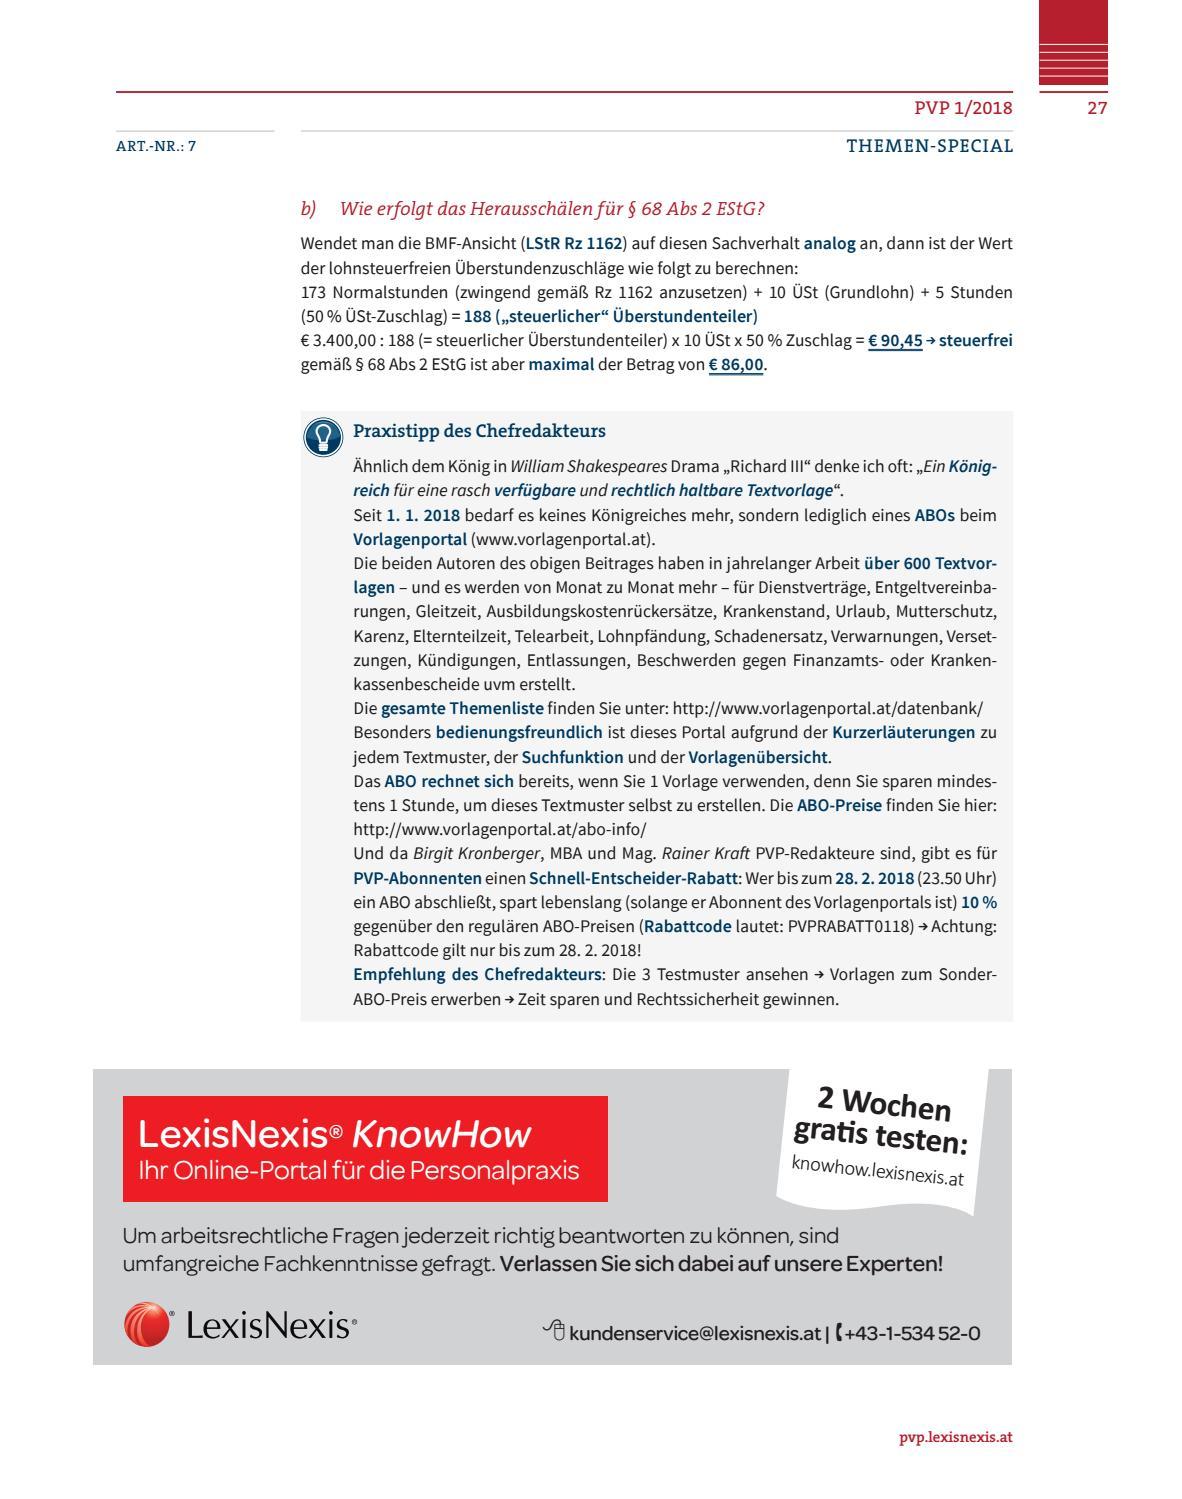 Ausgezeichnet Karriereziel Im Lebenslauf Für Erstsemester In Hr ...